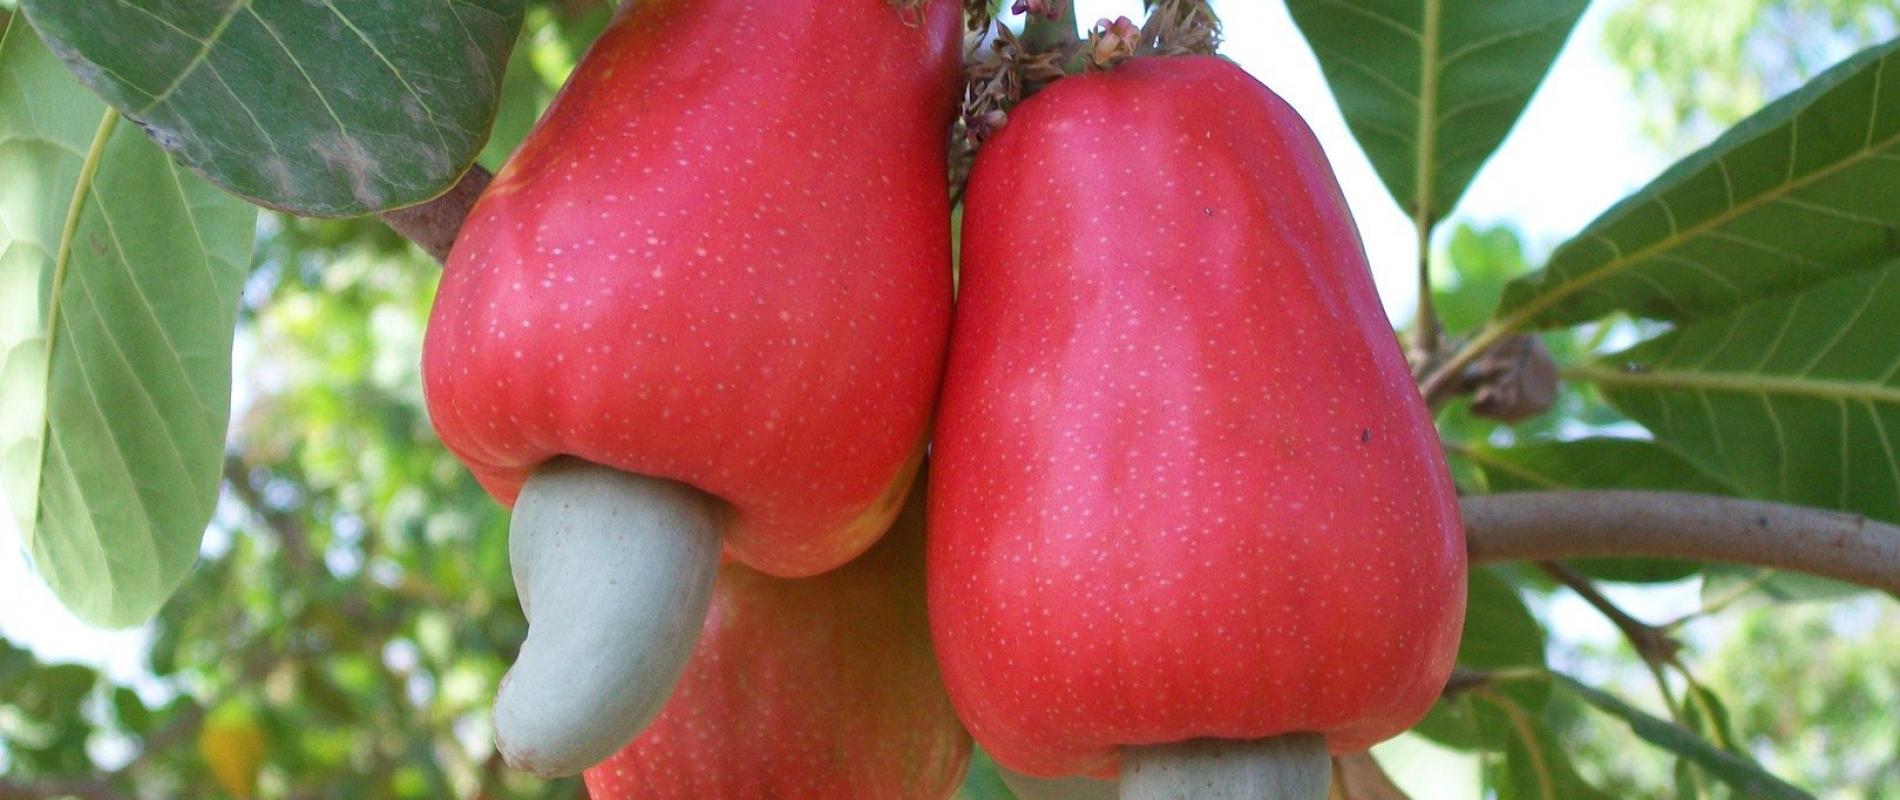 Onder de rode cashewappels groeien de cashewnoten. Het zijn deze noten waar de boeren hun geld mee verdienen, maar de cashewappel gooien we niet weg!